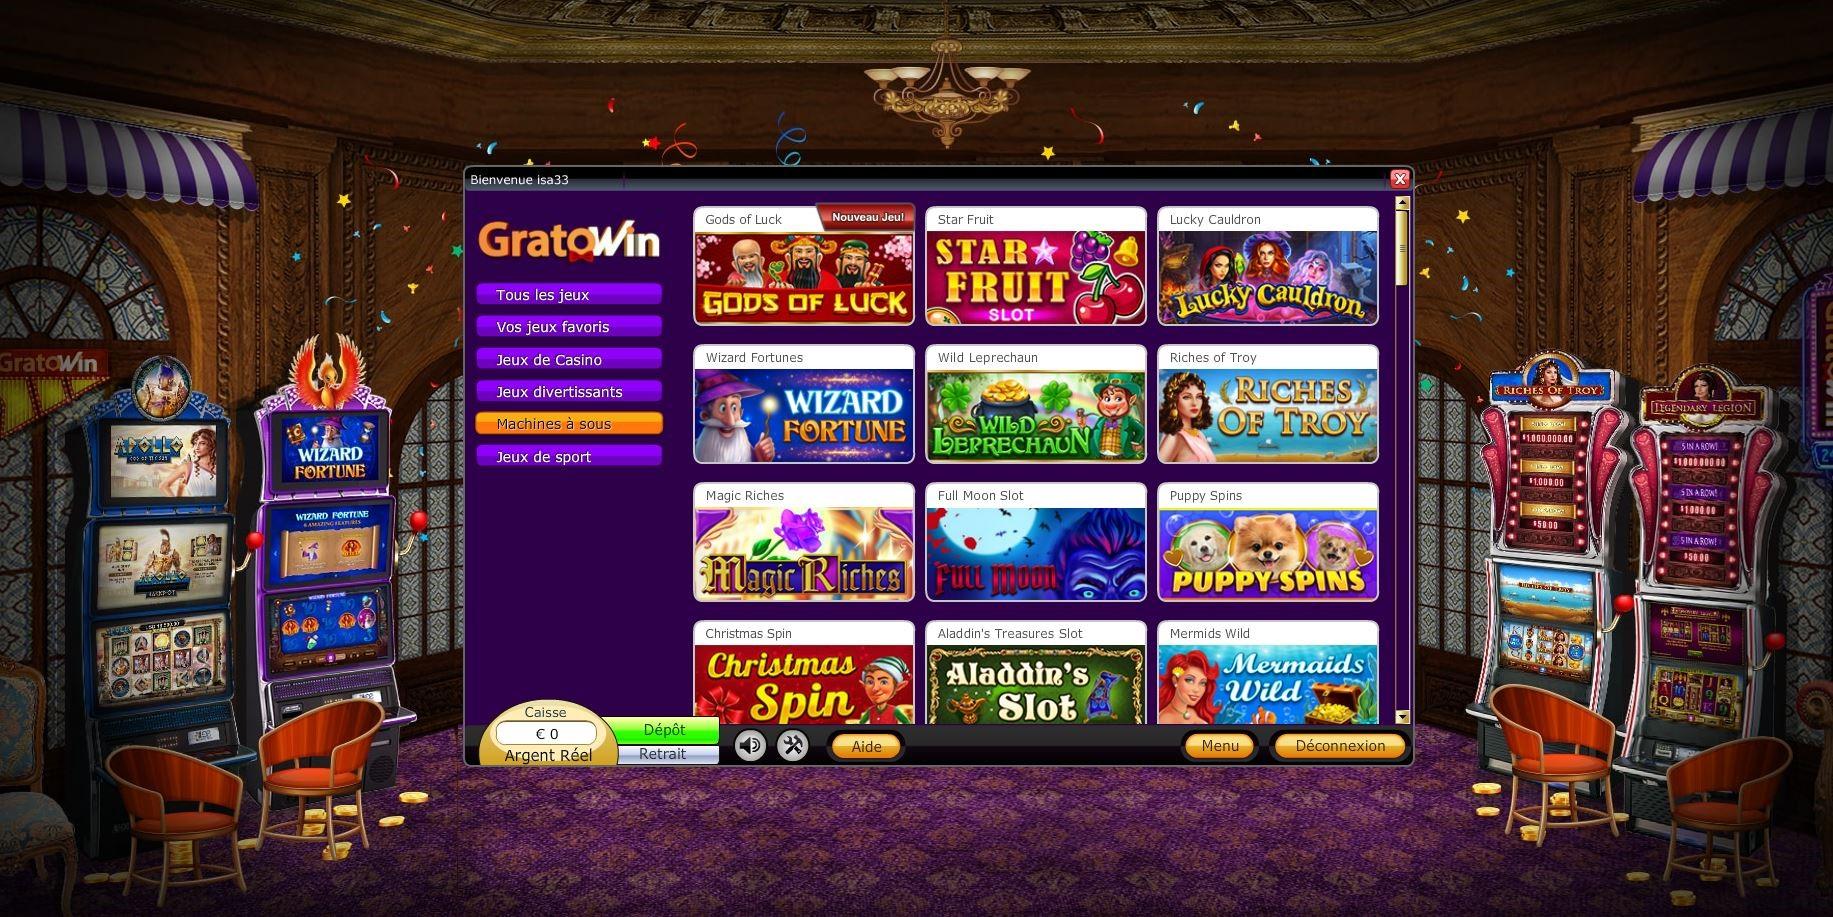 Casino Gratowin